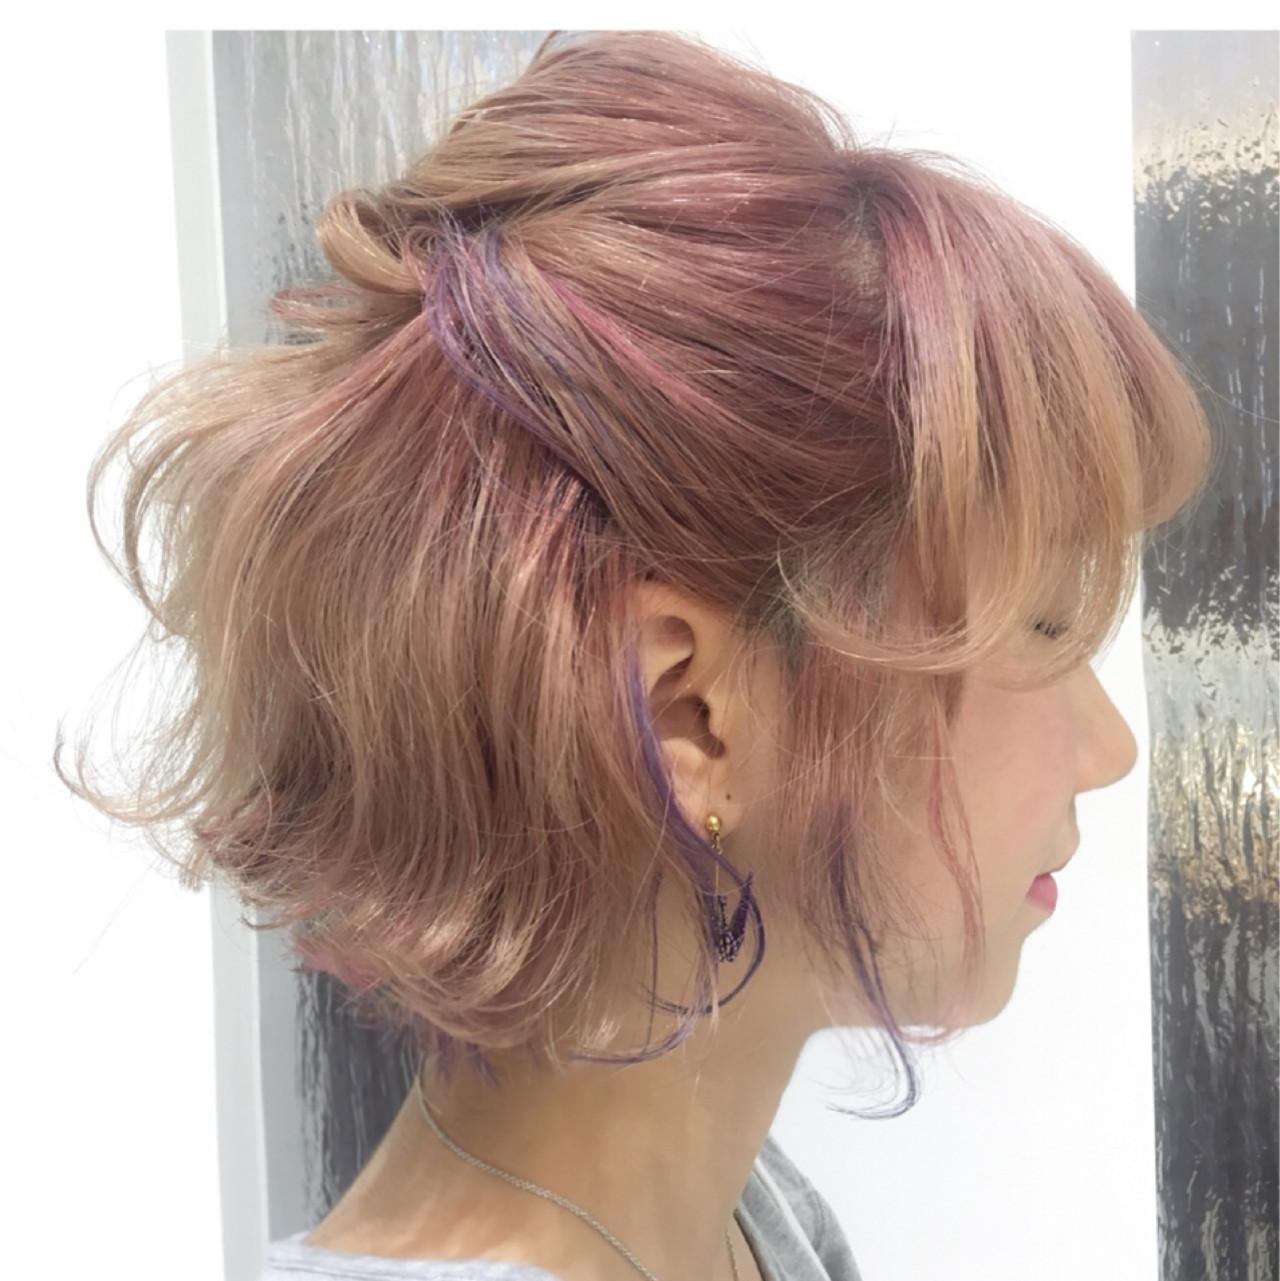 ストリート 簡単ヘアアレンジ インナーカラー 色気 ヘアスタイルや髪型の写真・画像